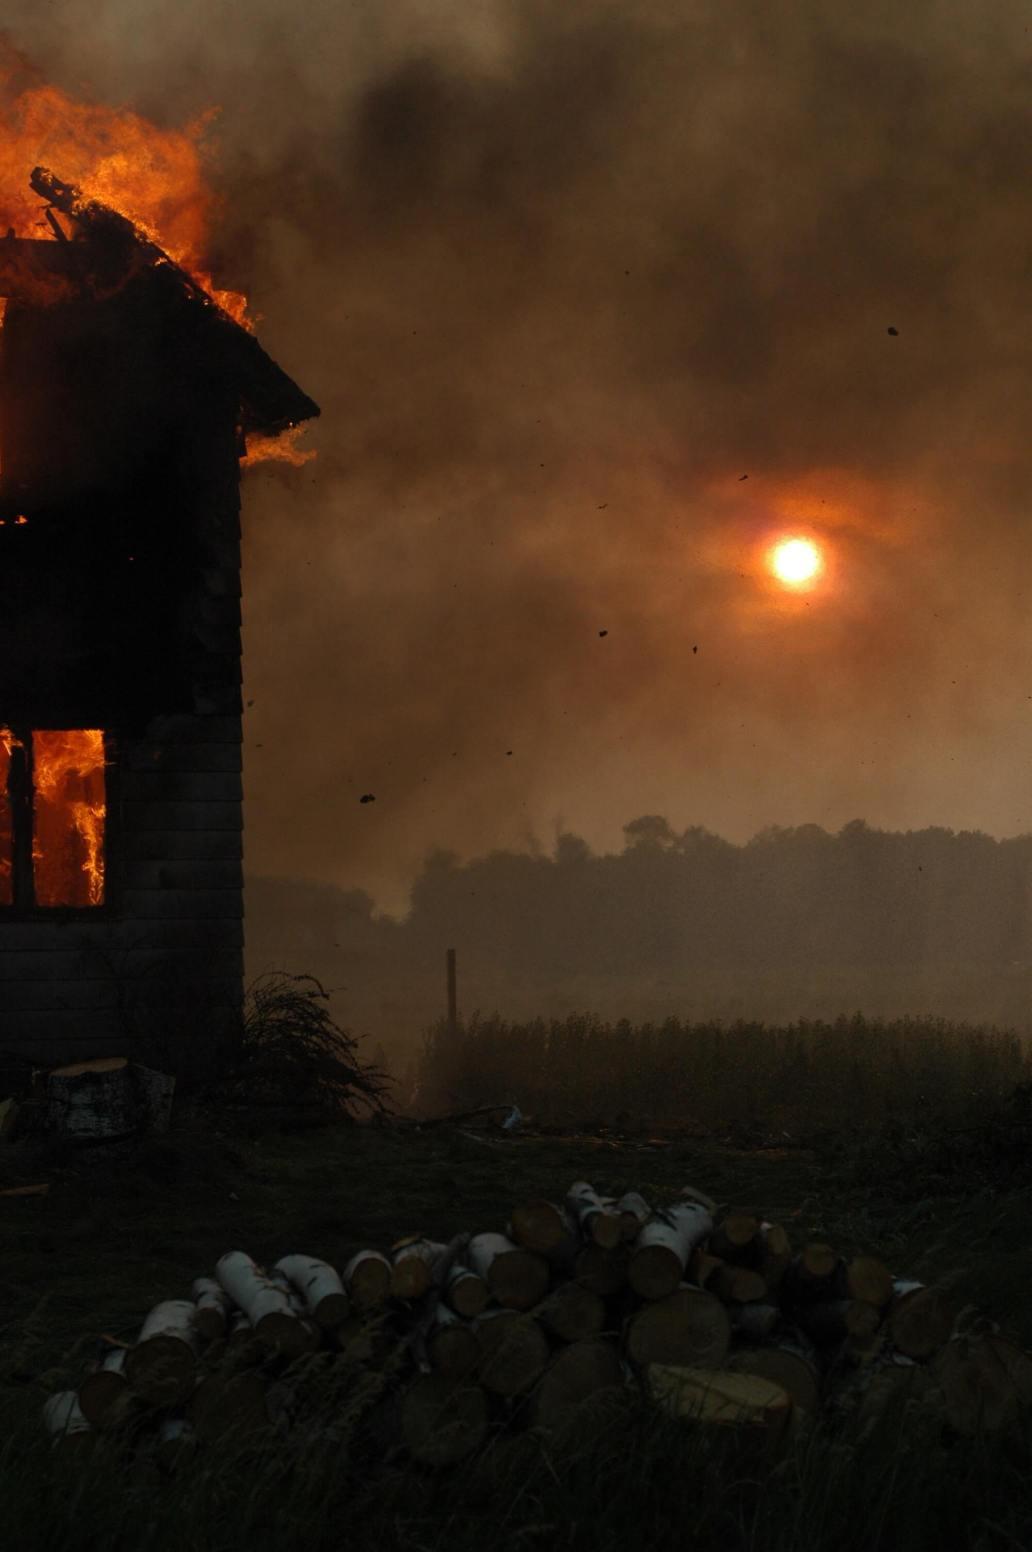 incendie dans une maison 1362x2048 - Les meilleurs moyens de se prémunir d'un incendie dans la maison